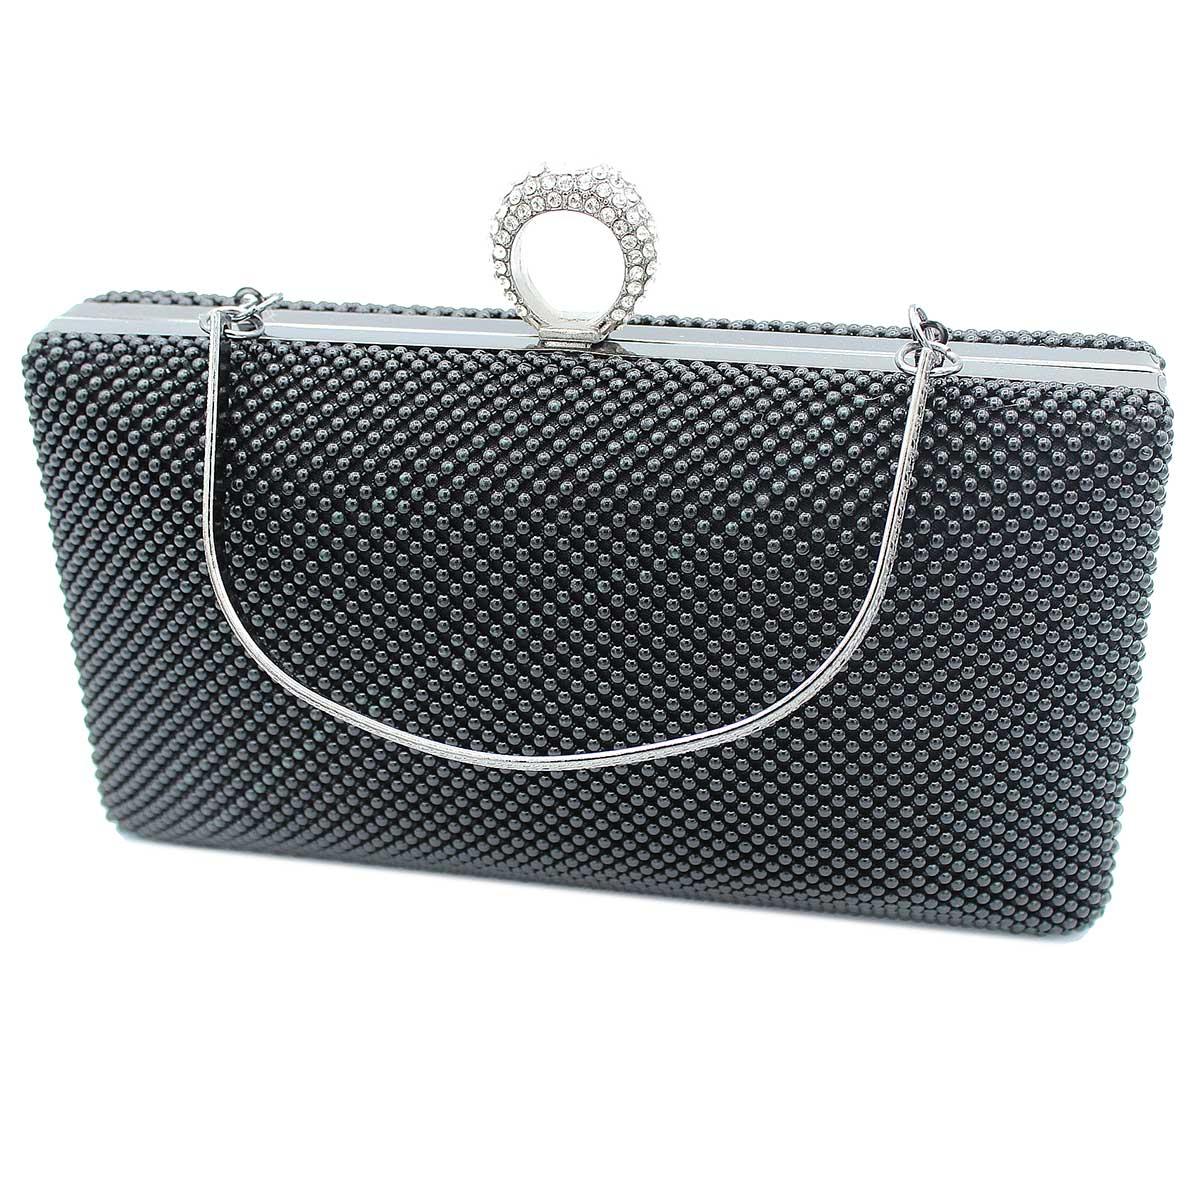 de027f9a8b Borsetta donna pochette da sera clutch con strass MICHELLE MOON v4049 nero